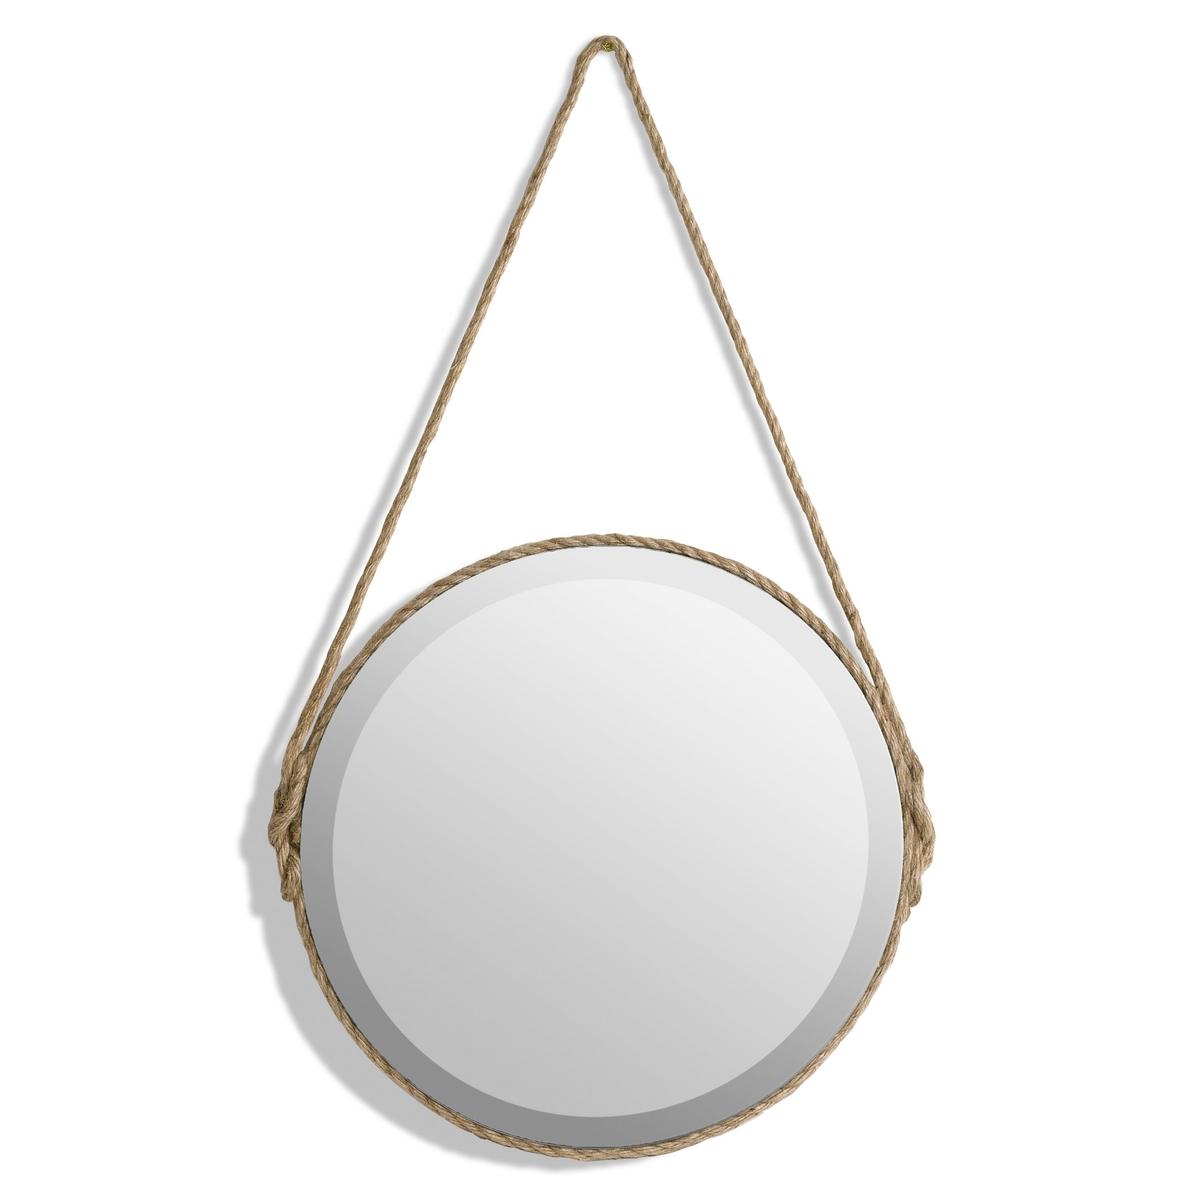 Зеркало Lien, диаметр 50 смХарактеристики :- Отделка хлопковым шнуром по всей окружности и для фиксации на стене.- Оборотная сторона из МДФ.Размеры :- Диаметр 50 x высота 85,5 см. - Зеркало, диаметр 50 см<br><br>Цвет: серо-бежевый,черный